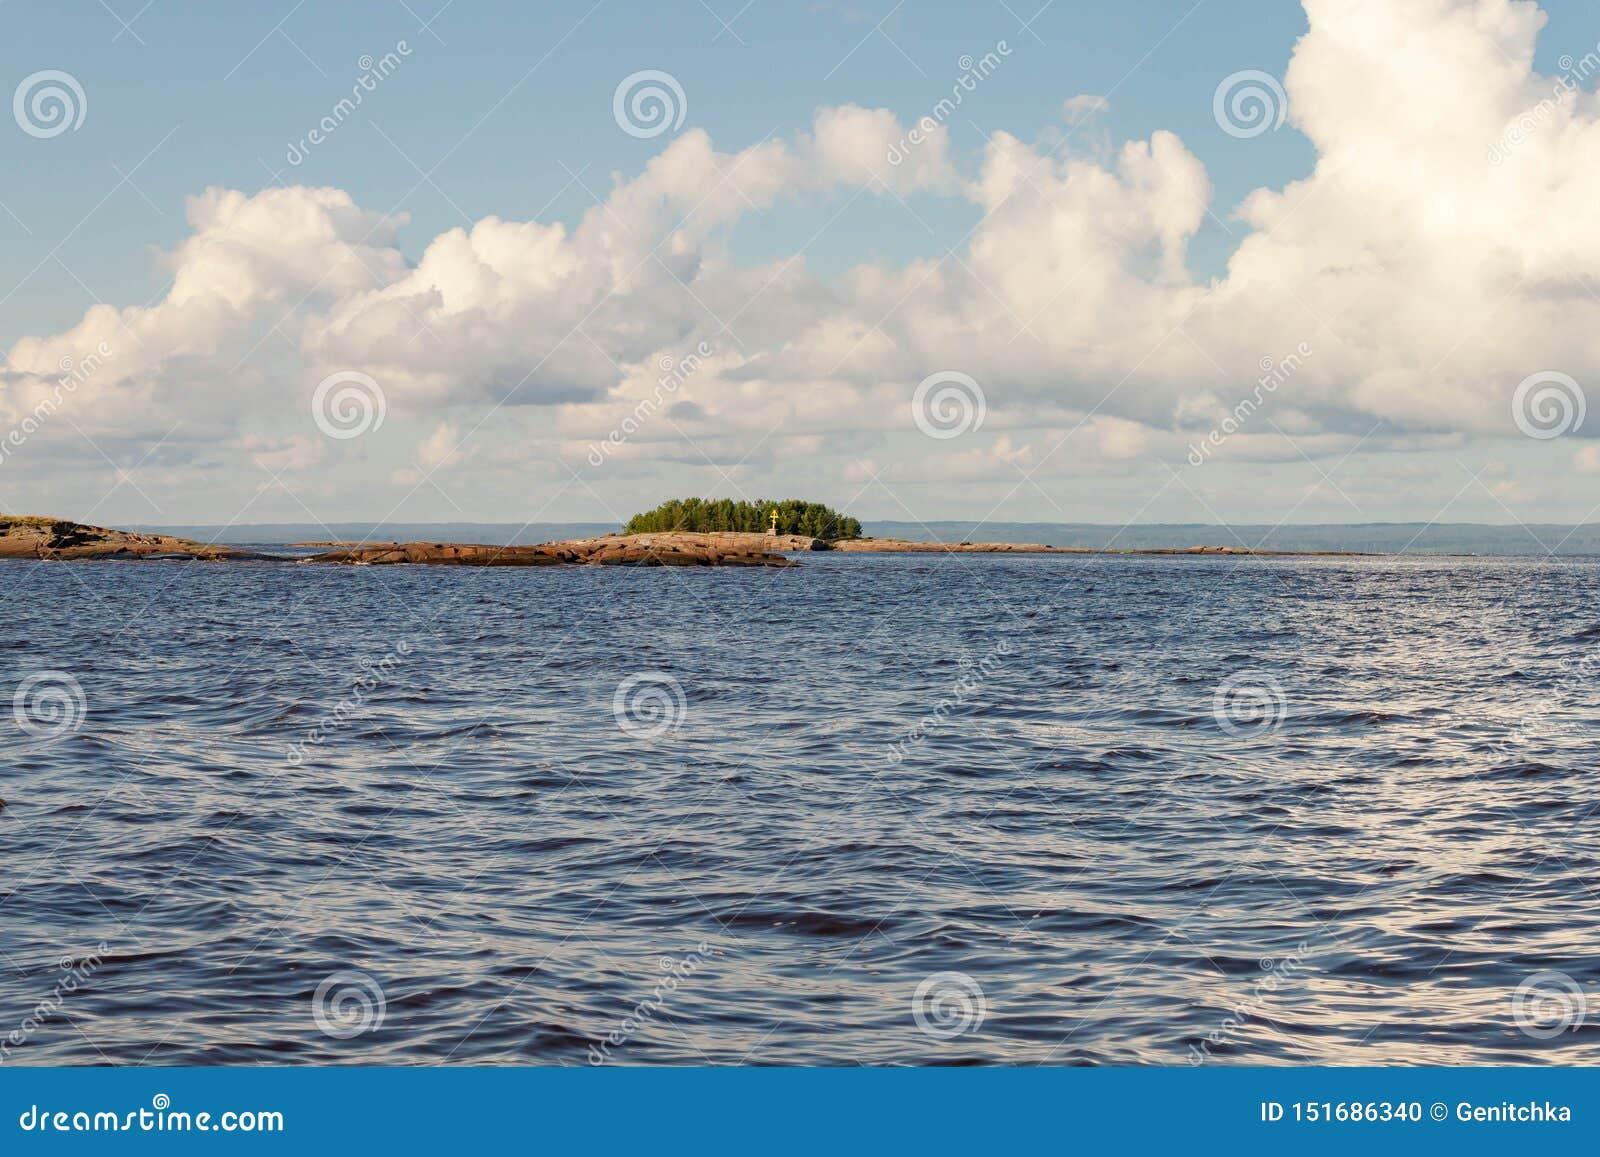 Viagem do mar pelo barco de motor à ilha rochosa de Kiy pelo mar branco cidade de Rússia, Onega, região de Arkhangelsk